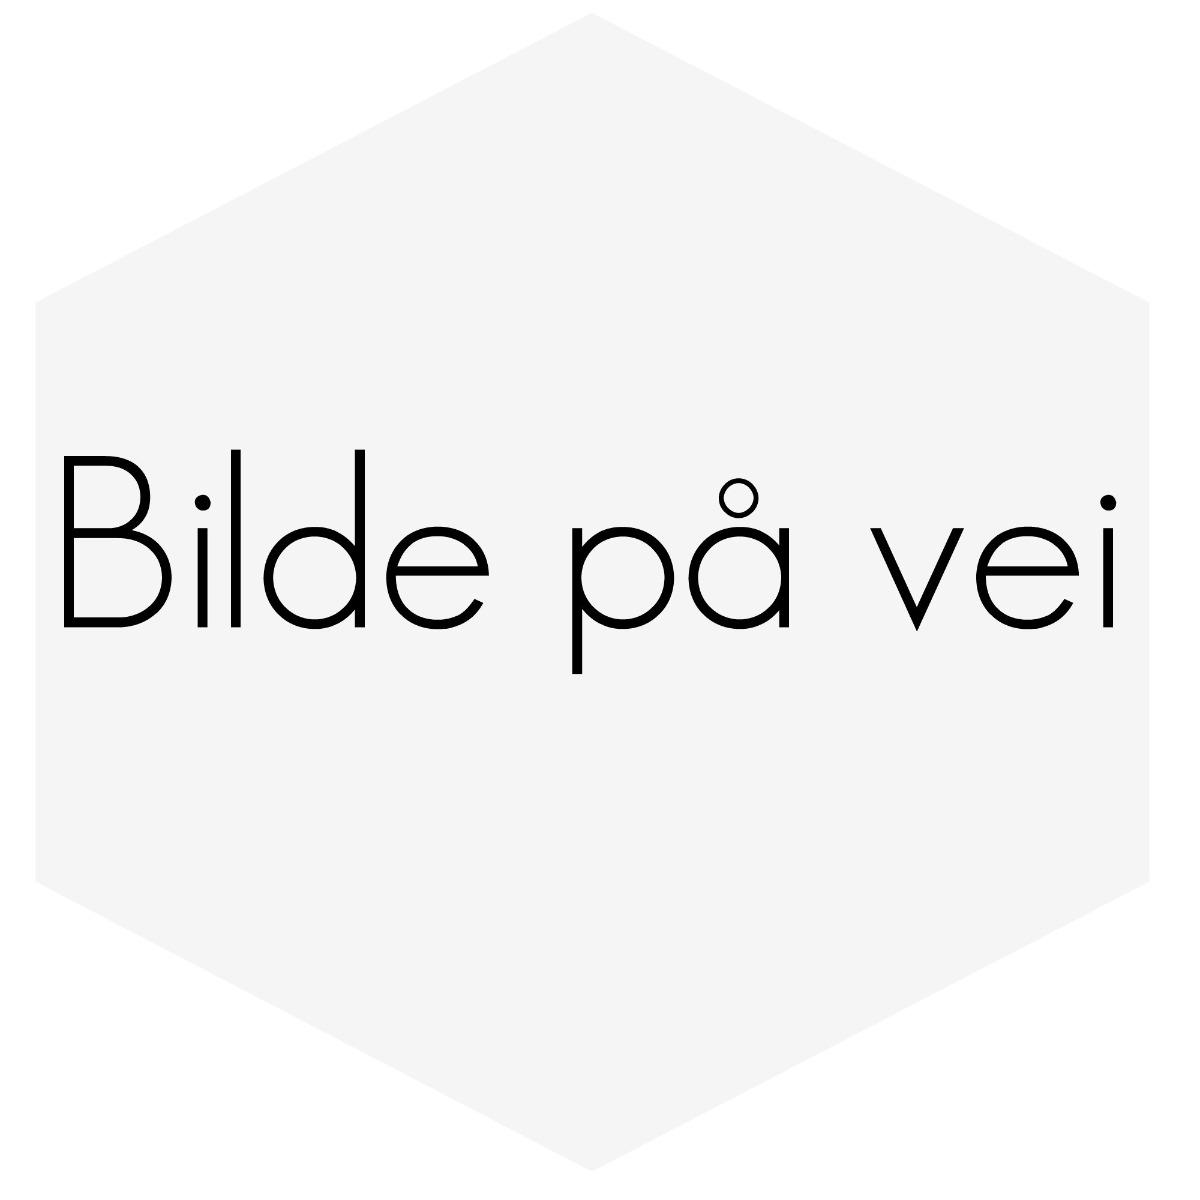 GRILLFESTE BRAKKET 740>89 HØYRE SIDE 1358942